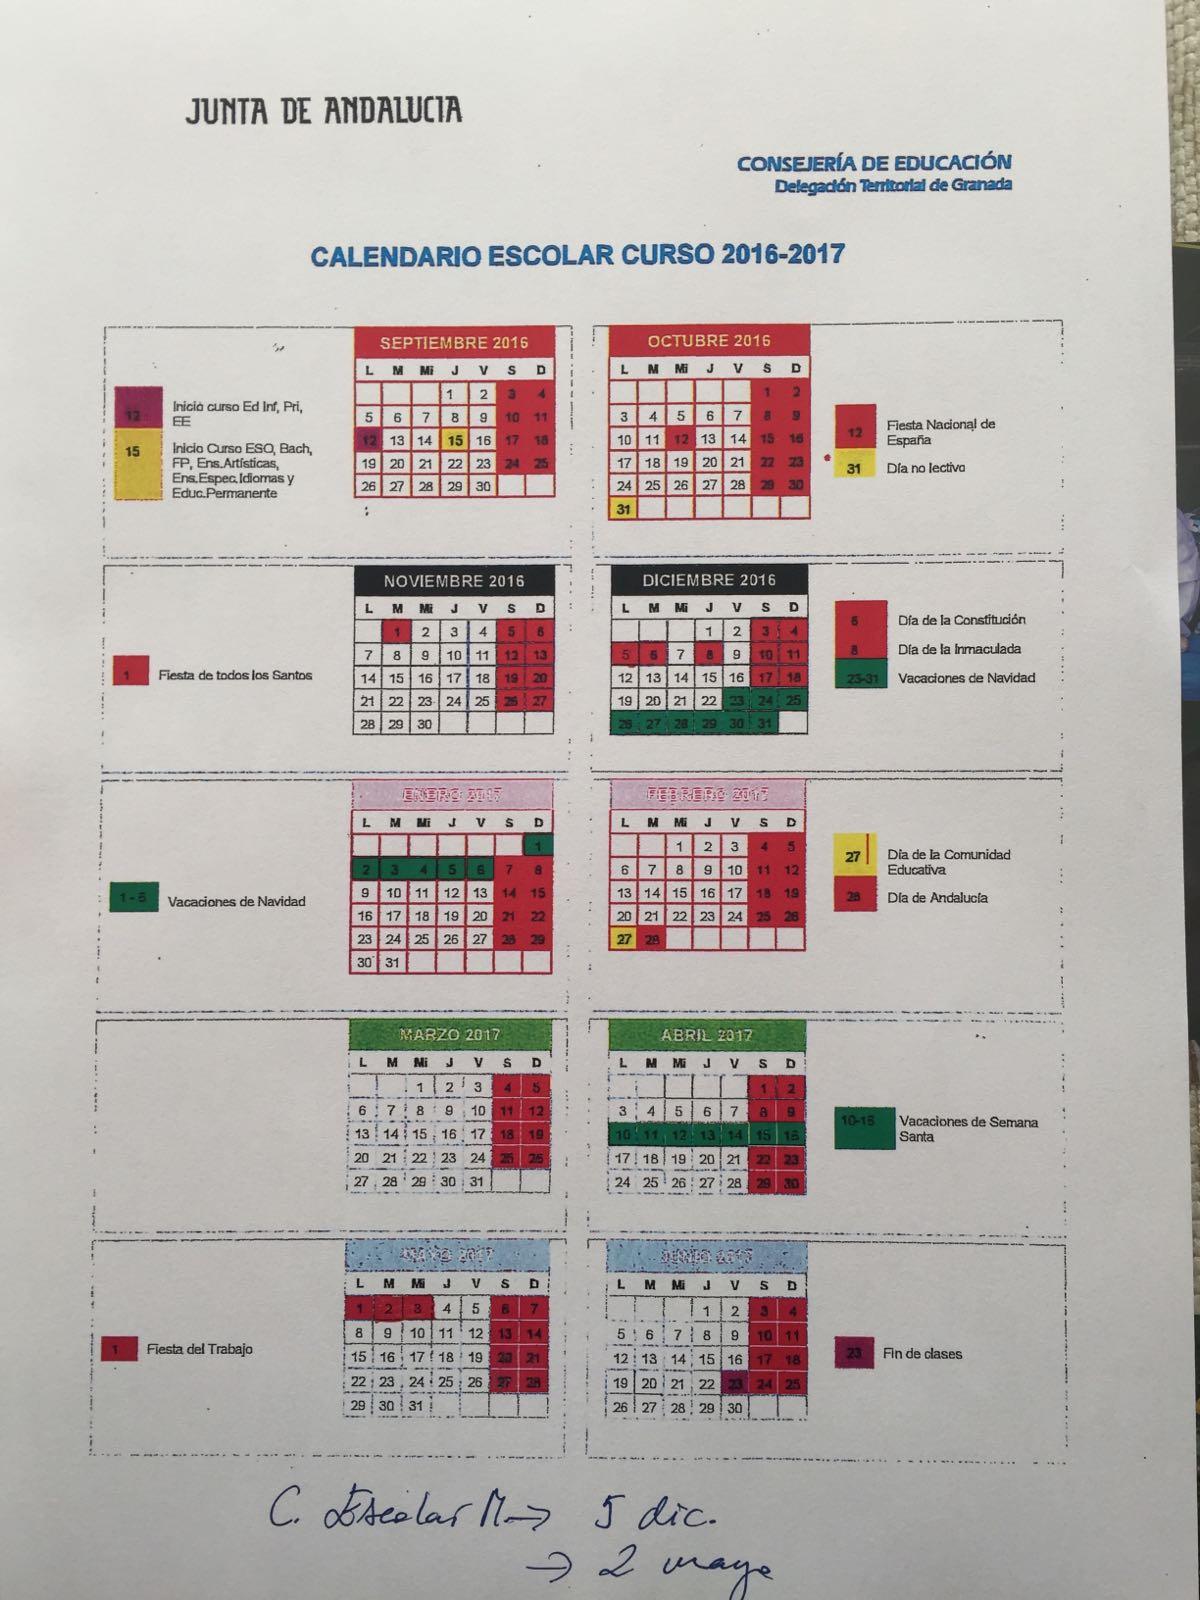 Calendario escolar curso 2016/17